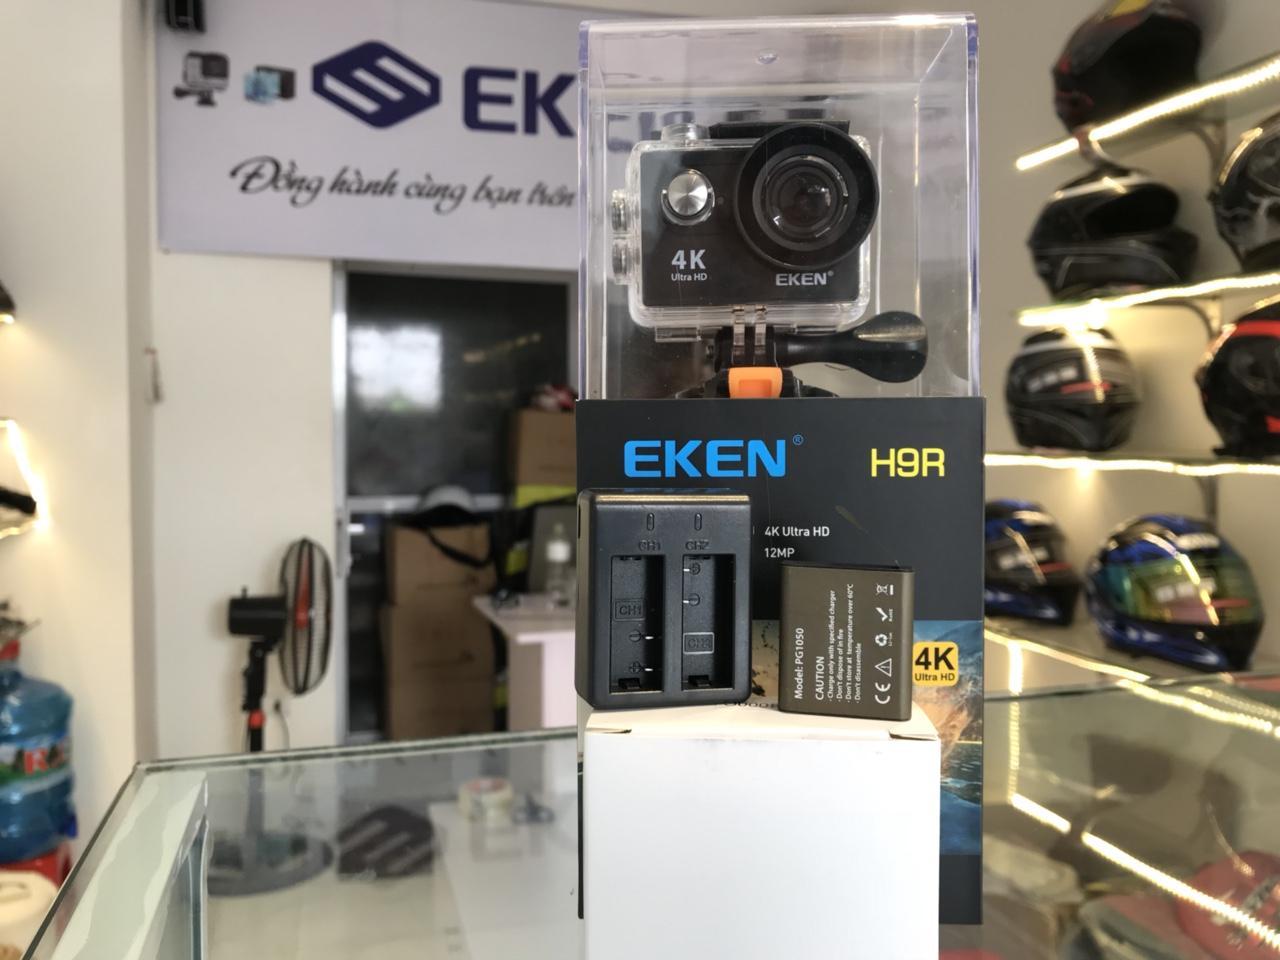 Hình ảnh Camera Eken H9r TẶNG 1 PIN 1 DOCK SẠC ĐÔI bản mới V5 2018 - EKEN